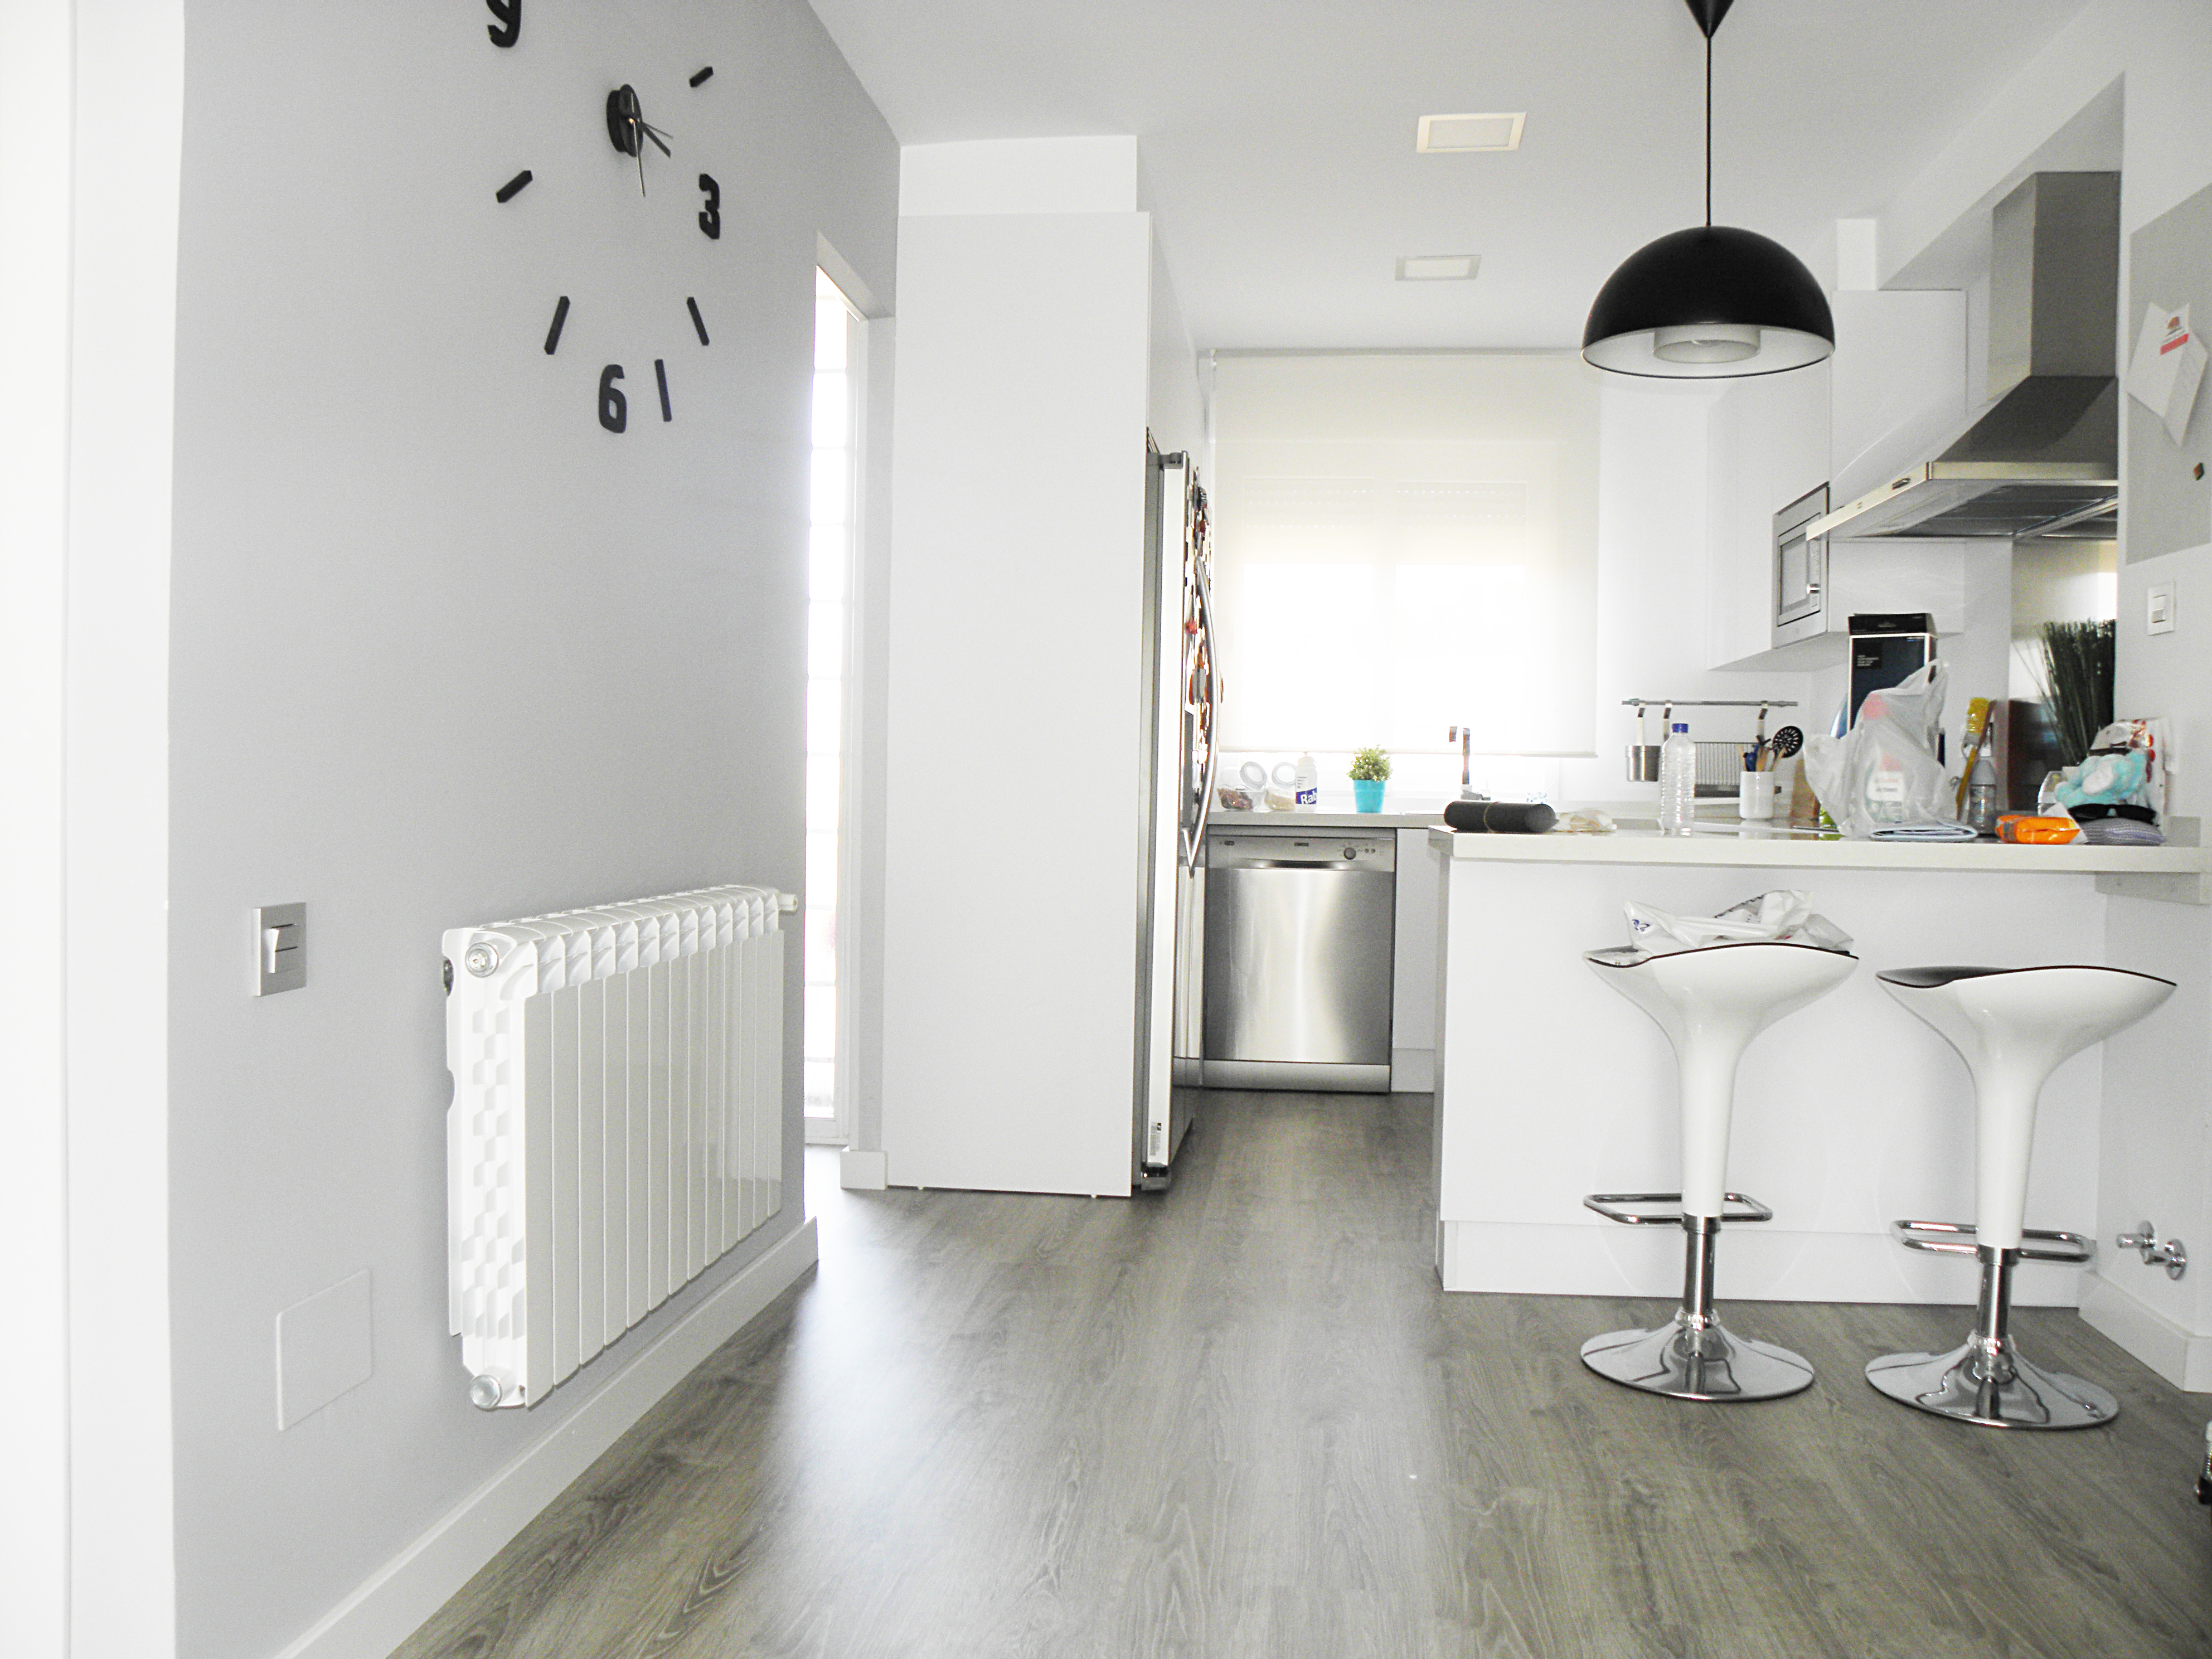 Suelos laminados para cocinas free suelos para la cocina - Suelos laminados cocina ...